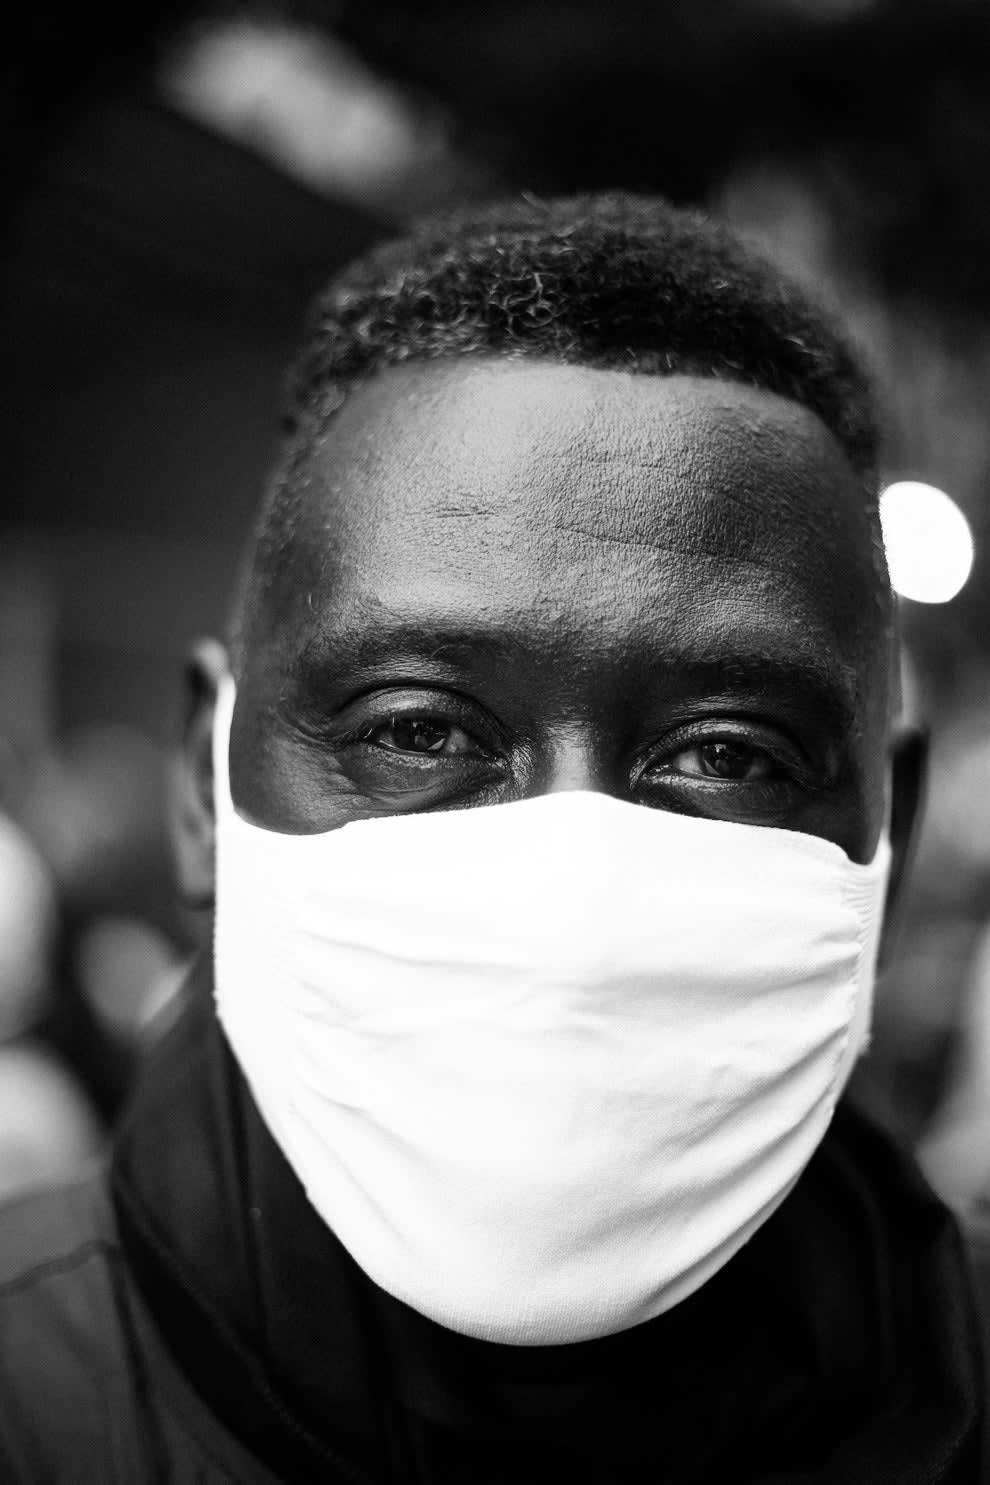 Homem negro usando máscara branca e olhando para a câmera,